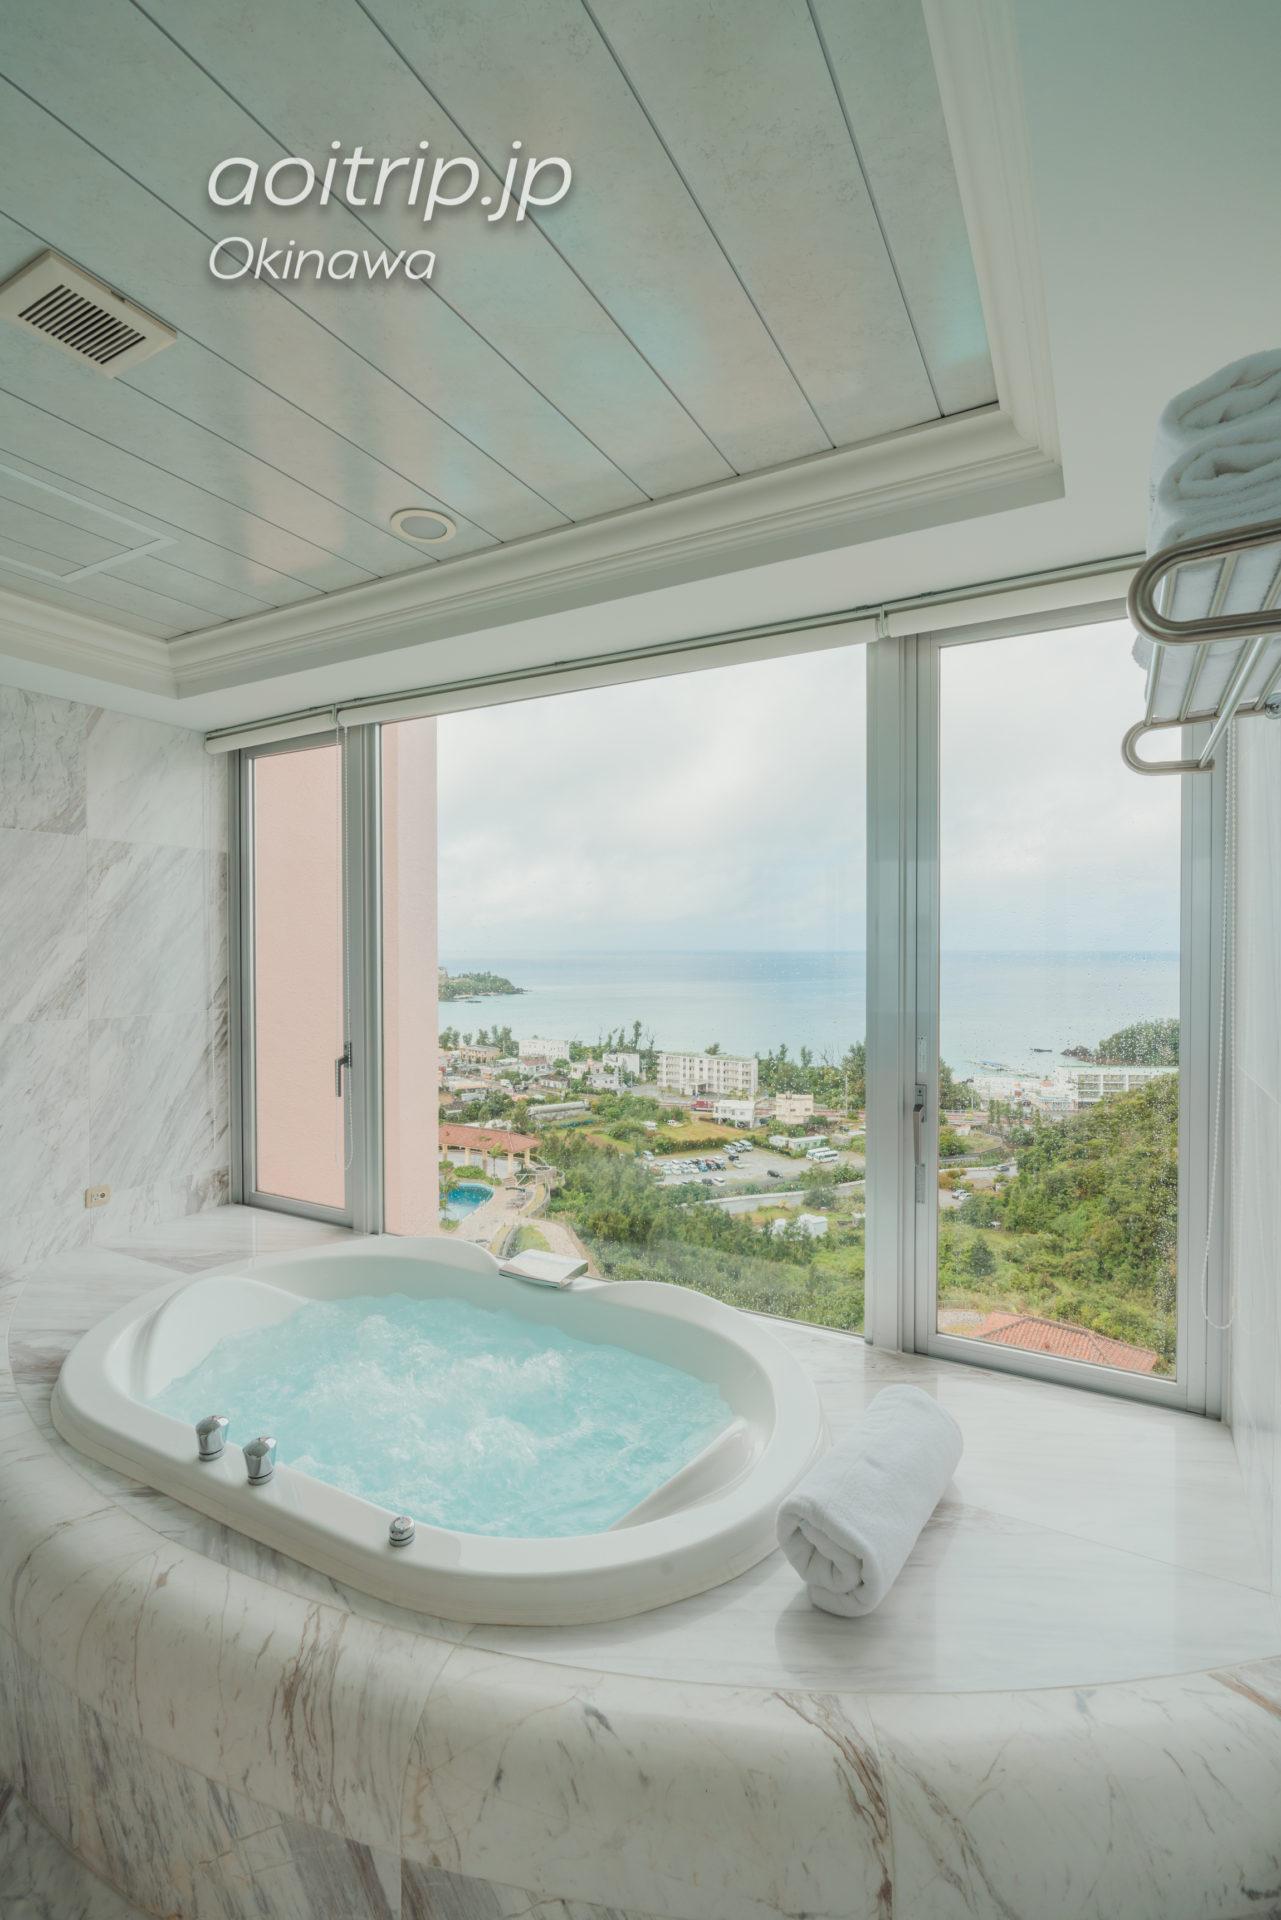 オキナワ マリオット リゾート & スパのスイートルーム バスルーム オーシャンビュー